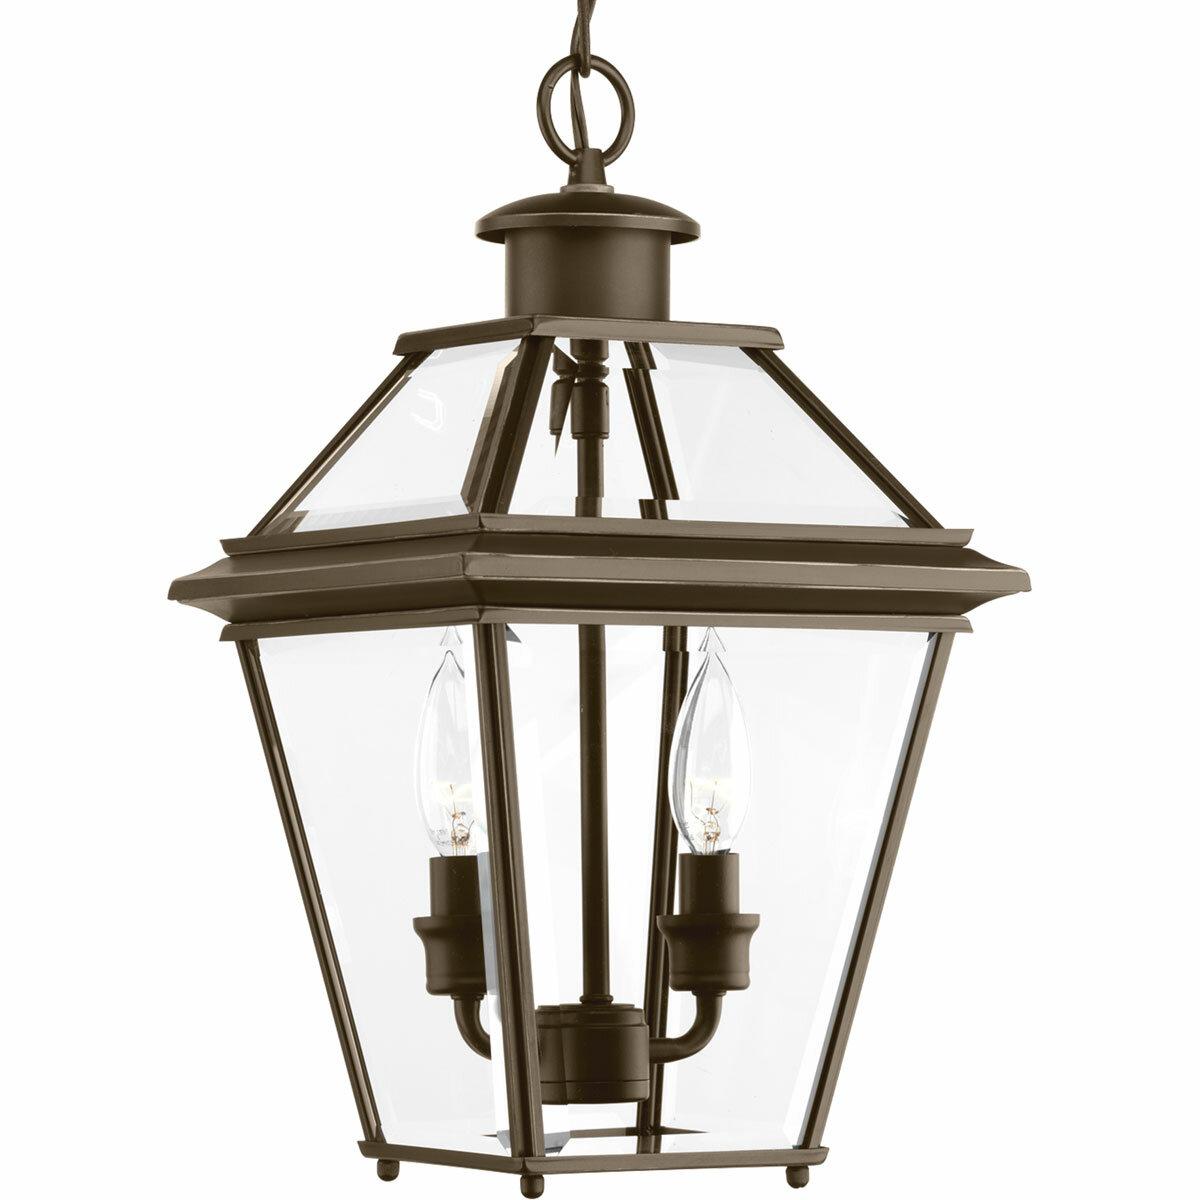 Gunnora 2 Light Outdoor Hanging Lantern